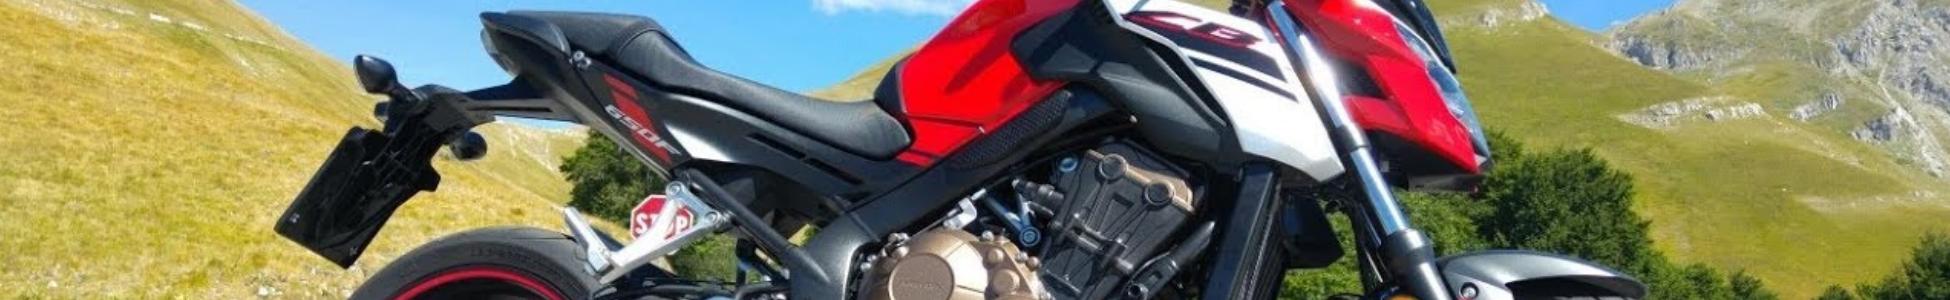 Novo Motociclo Honda CB650F - Categoria A